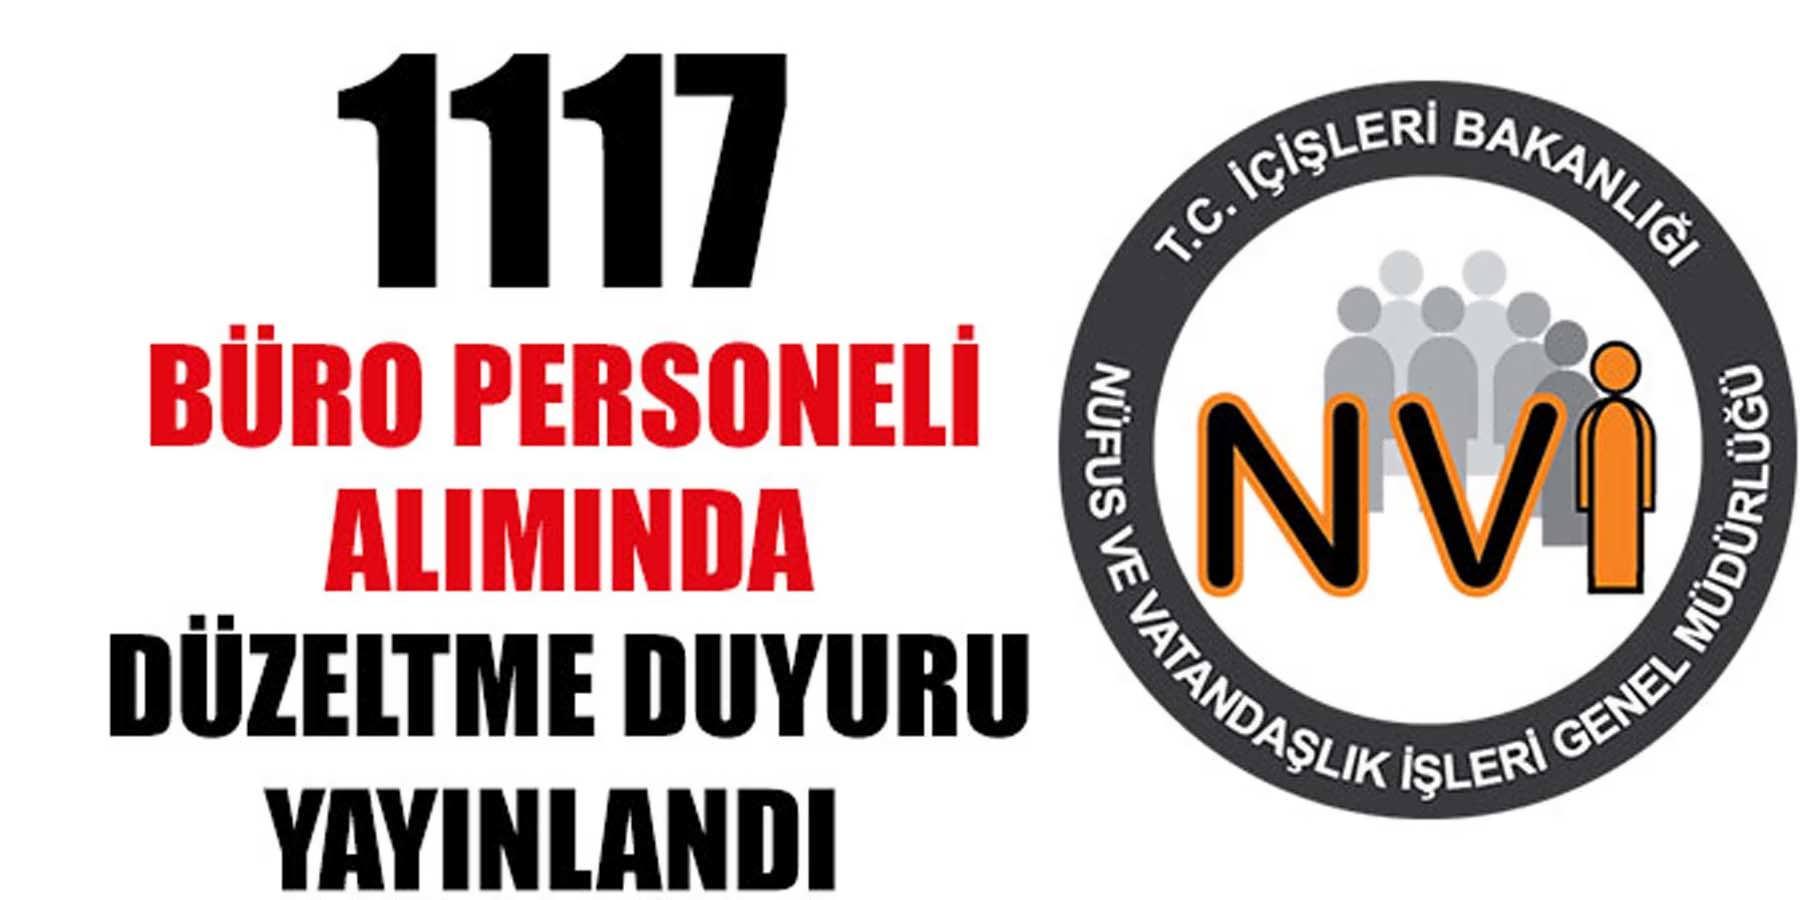 1117 Nüfus Müdürlükleri Büro Personeli Alımında Düzeltme Yapıldı